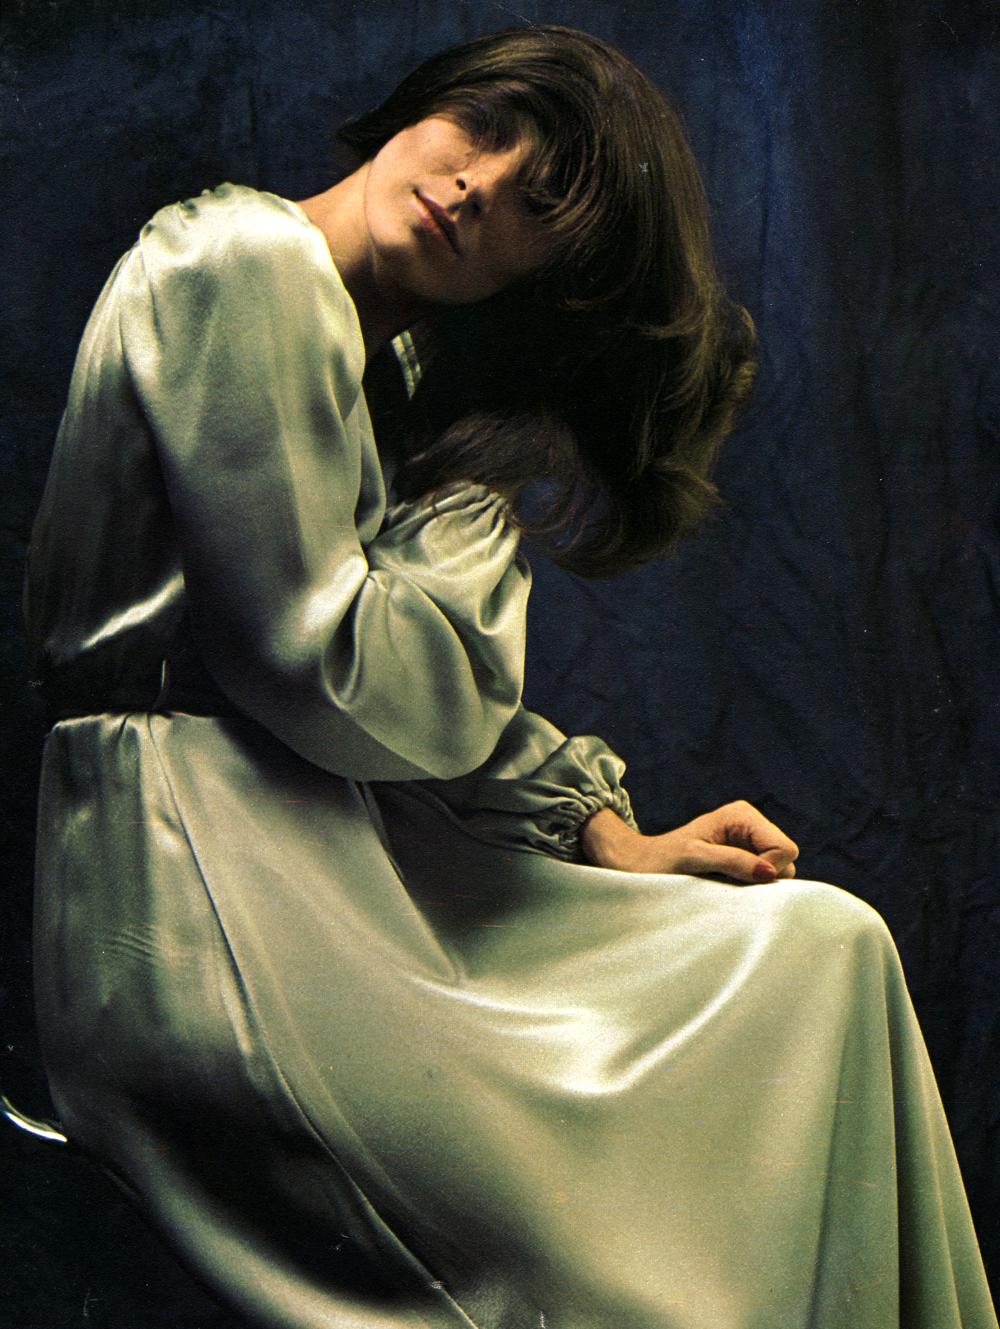 dressing-gowns-steve-hiett-flair-dec-71-1